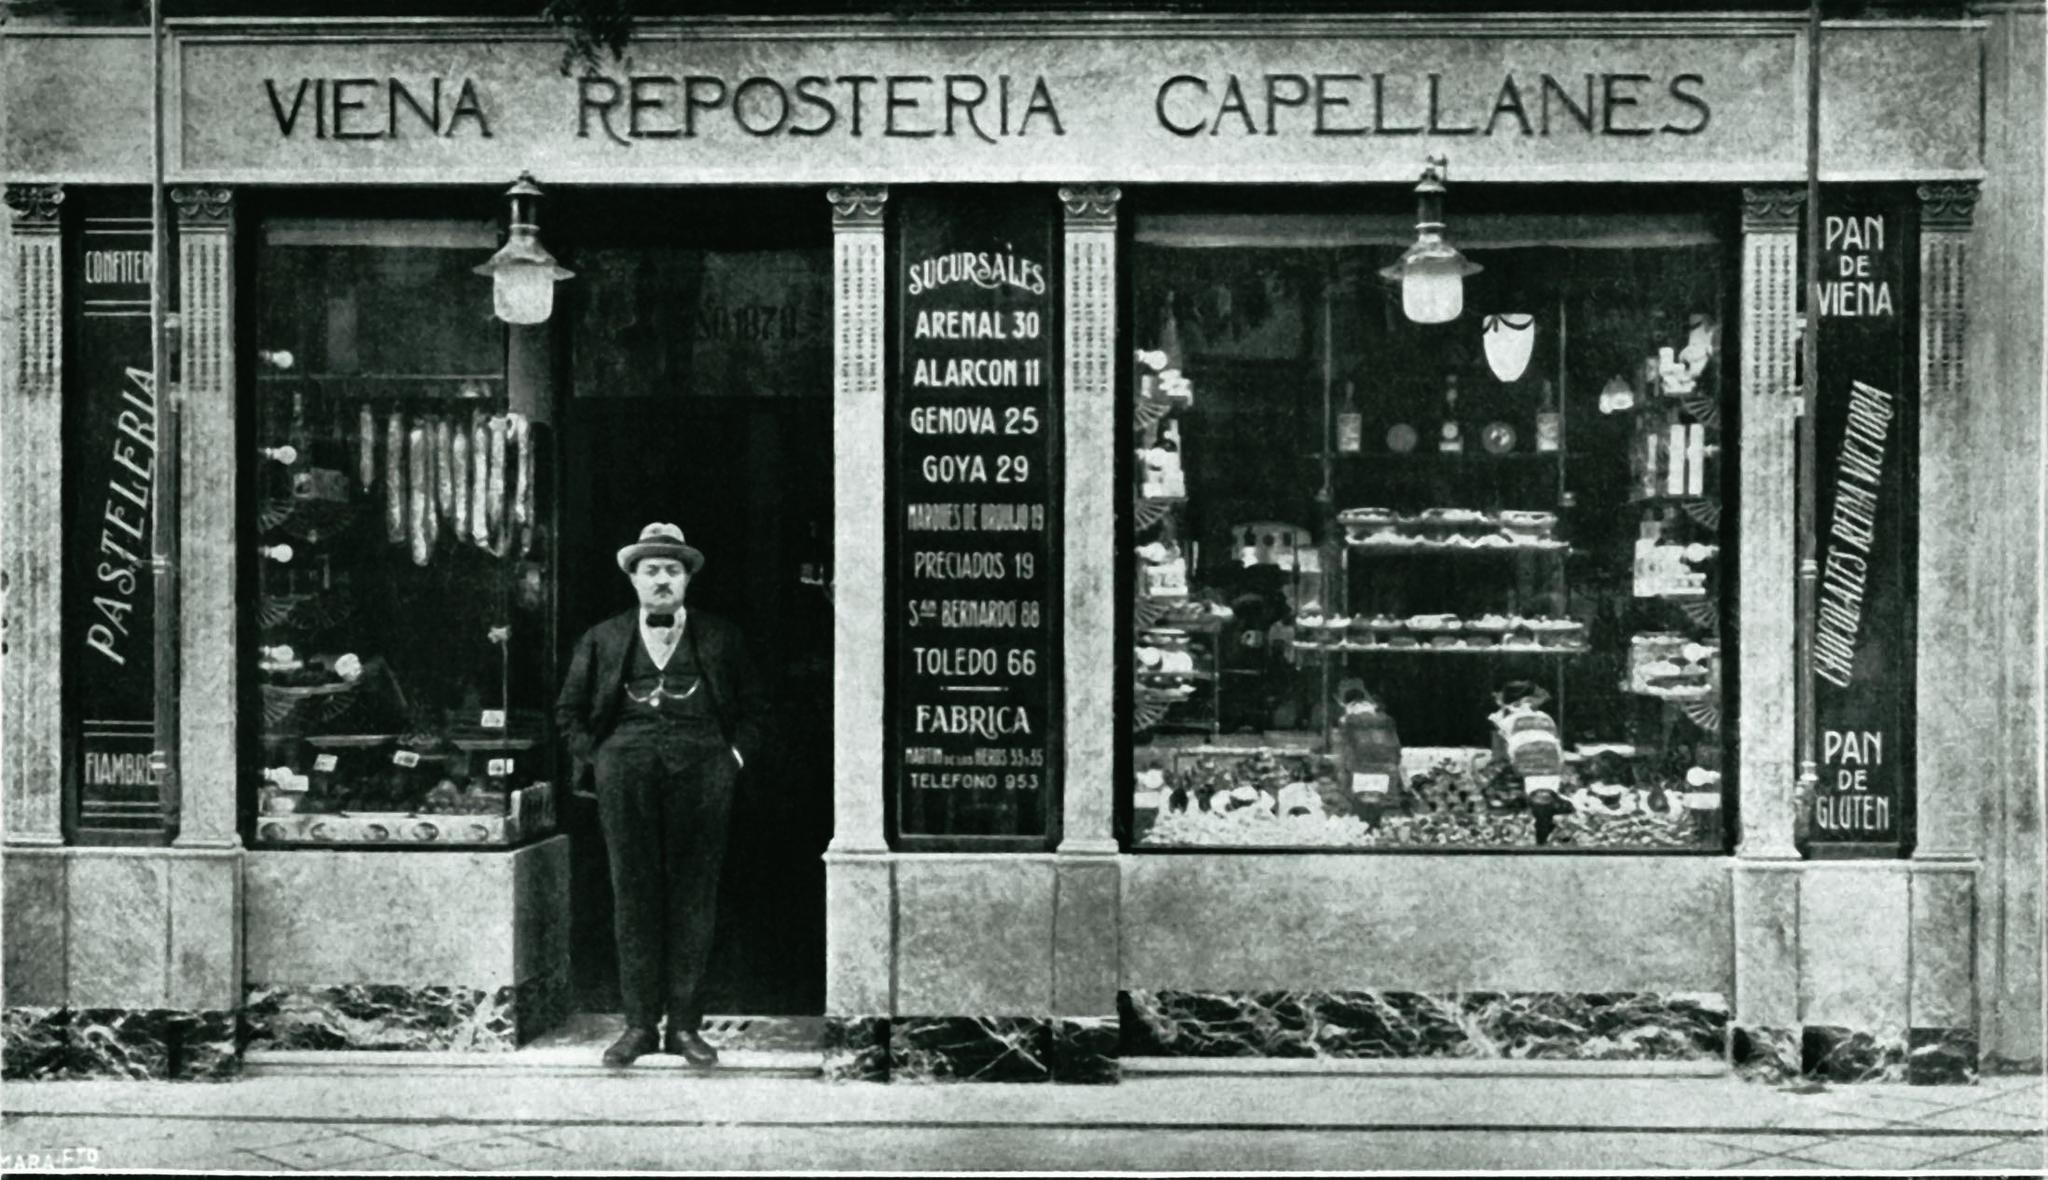 El Viena Capellanes de la calle Alcalá en una imagen de 1918, el año de su inauguración.